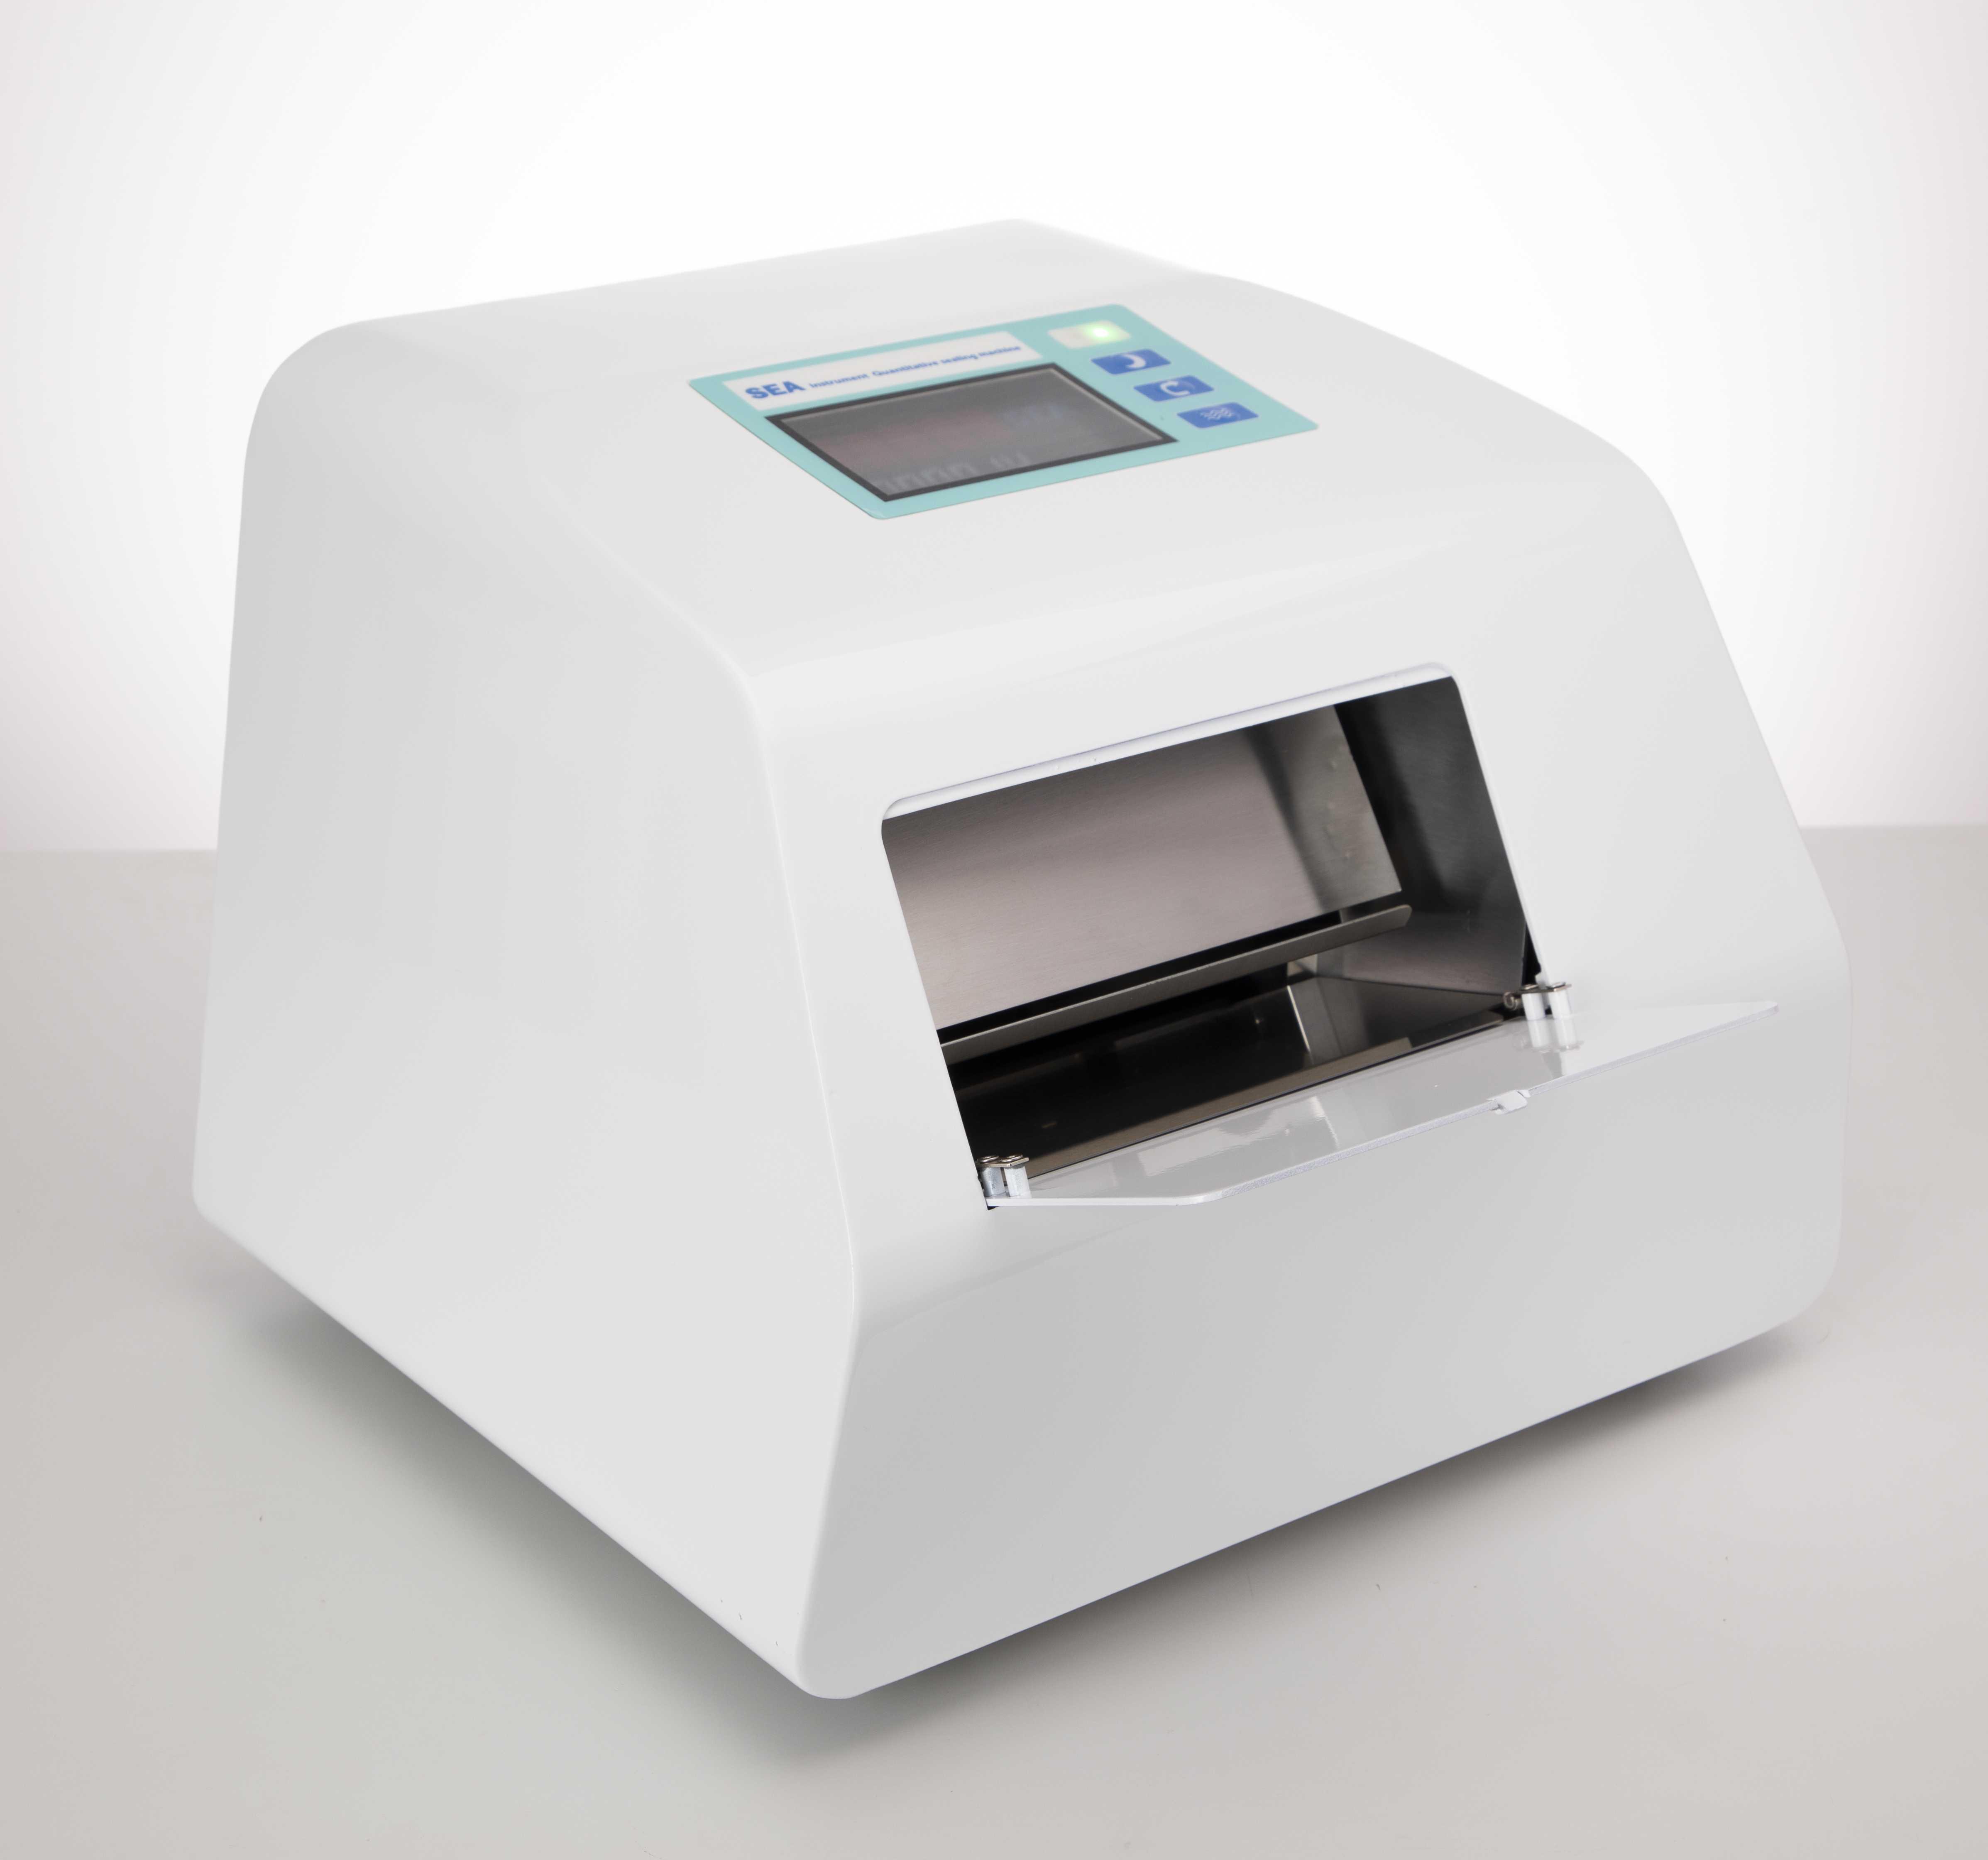 酶底物法检测仪器的保养方法